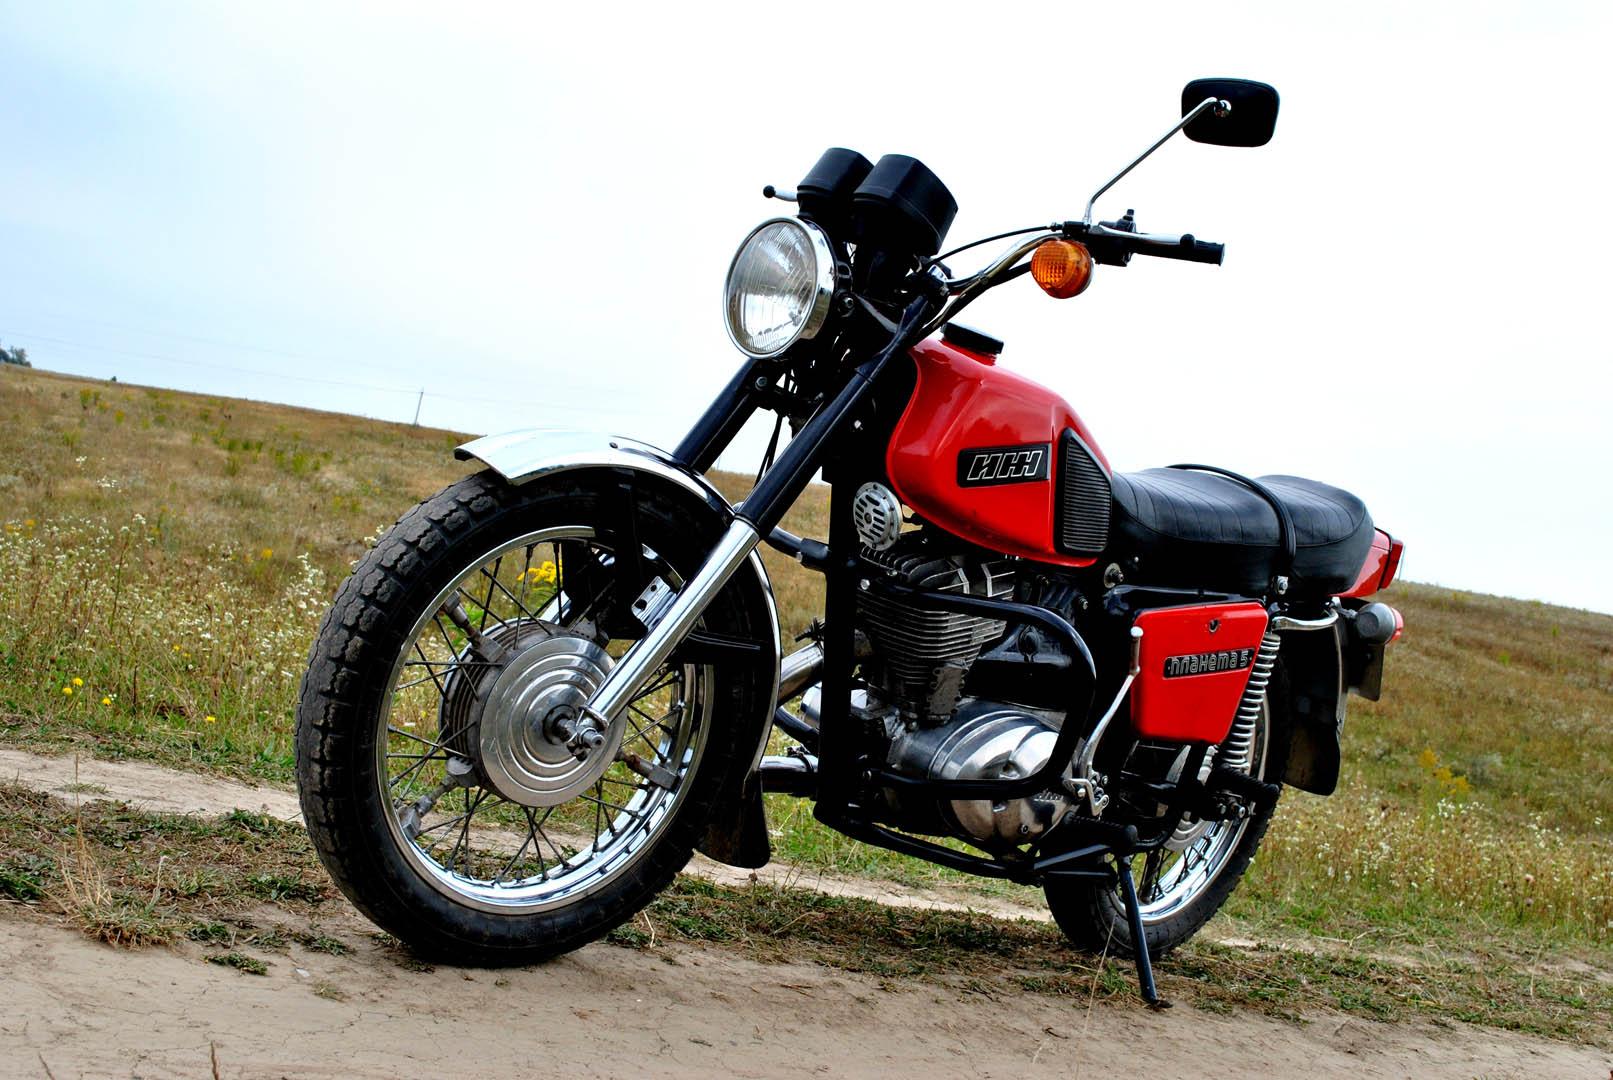 обои для рабочего стола мотоцикл минск № 438226  скачать